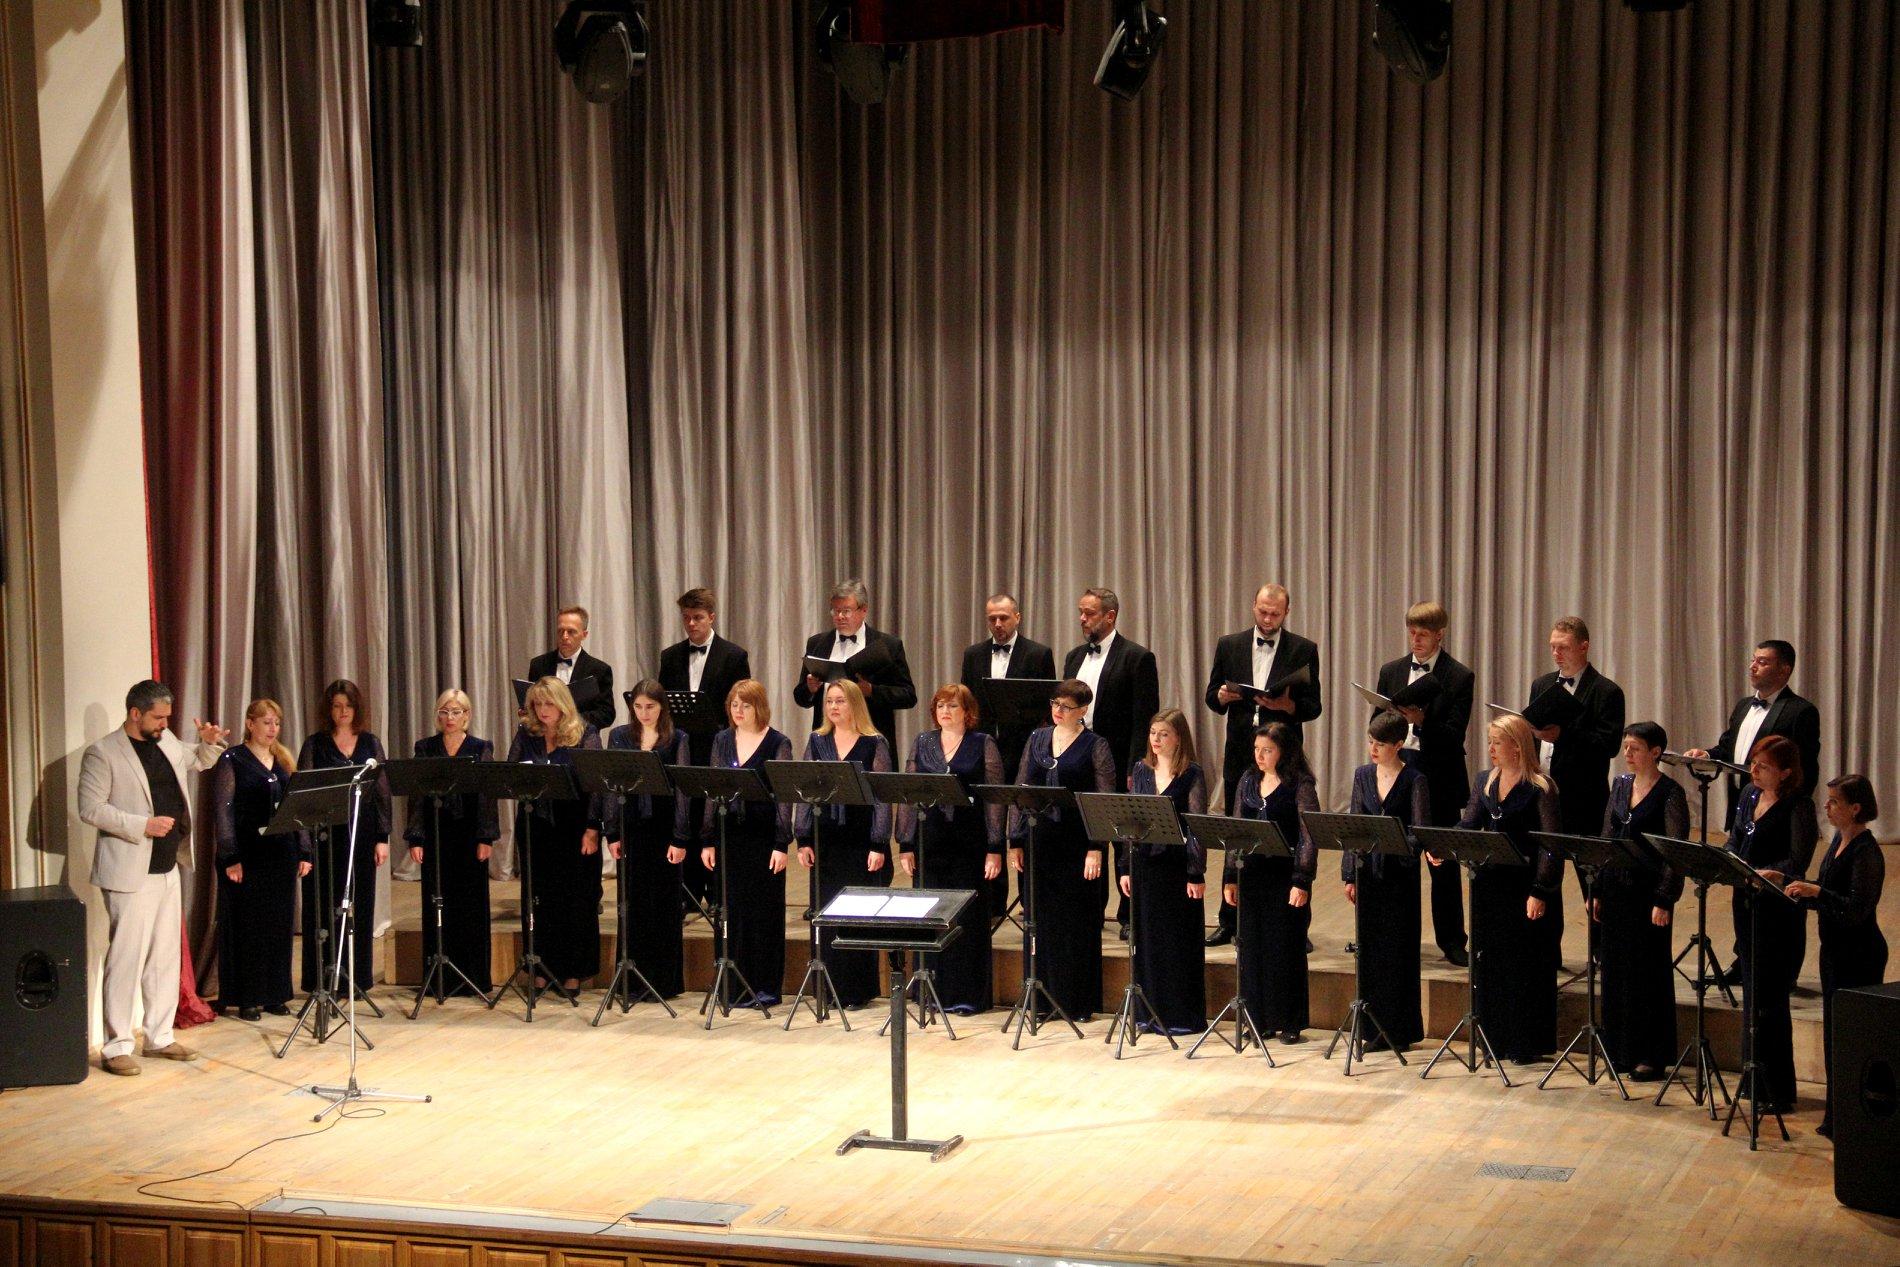 Академічний камерний хор ім.Д.Бортнянського презентував свою програму у «Вокальному абонементі» (Фото)